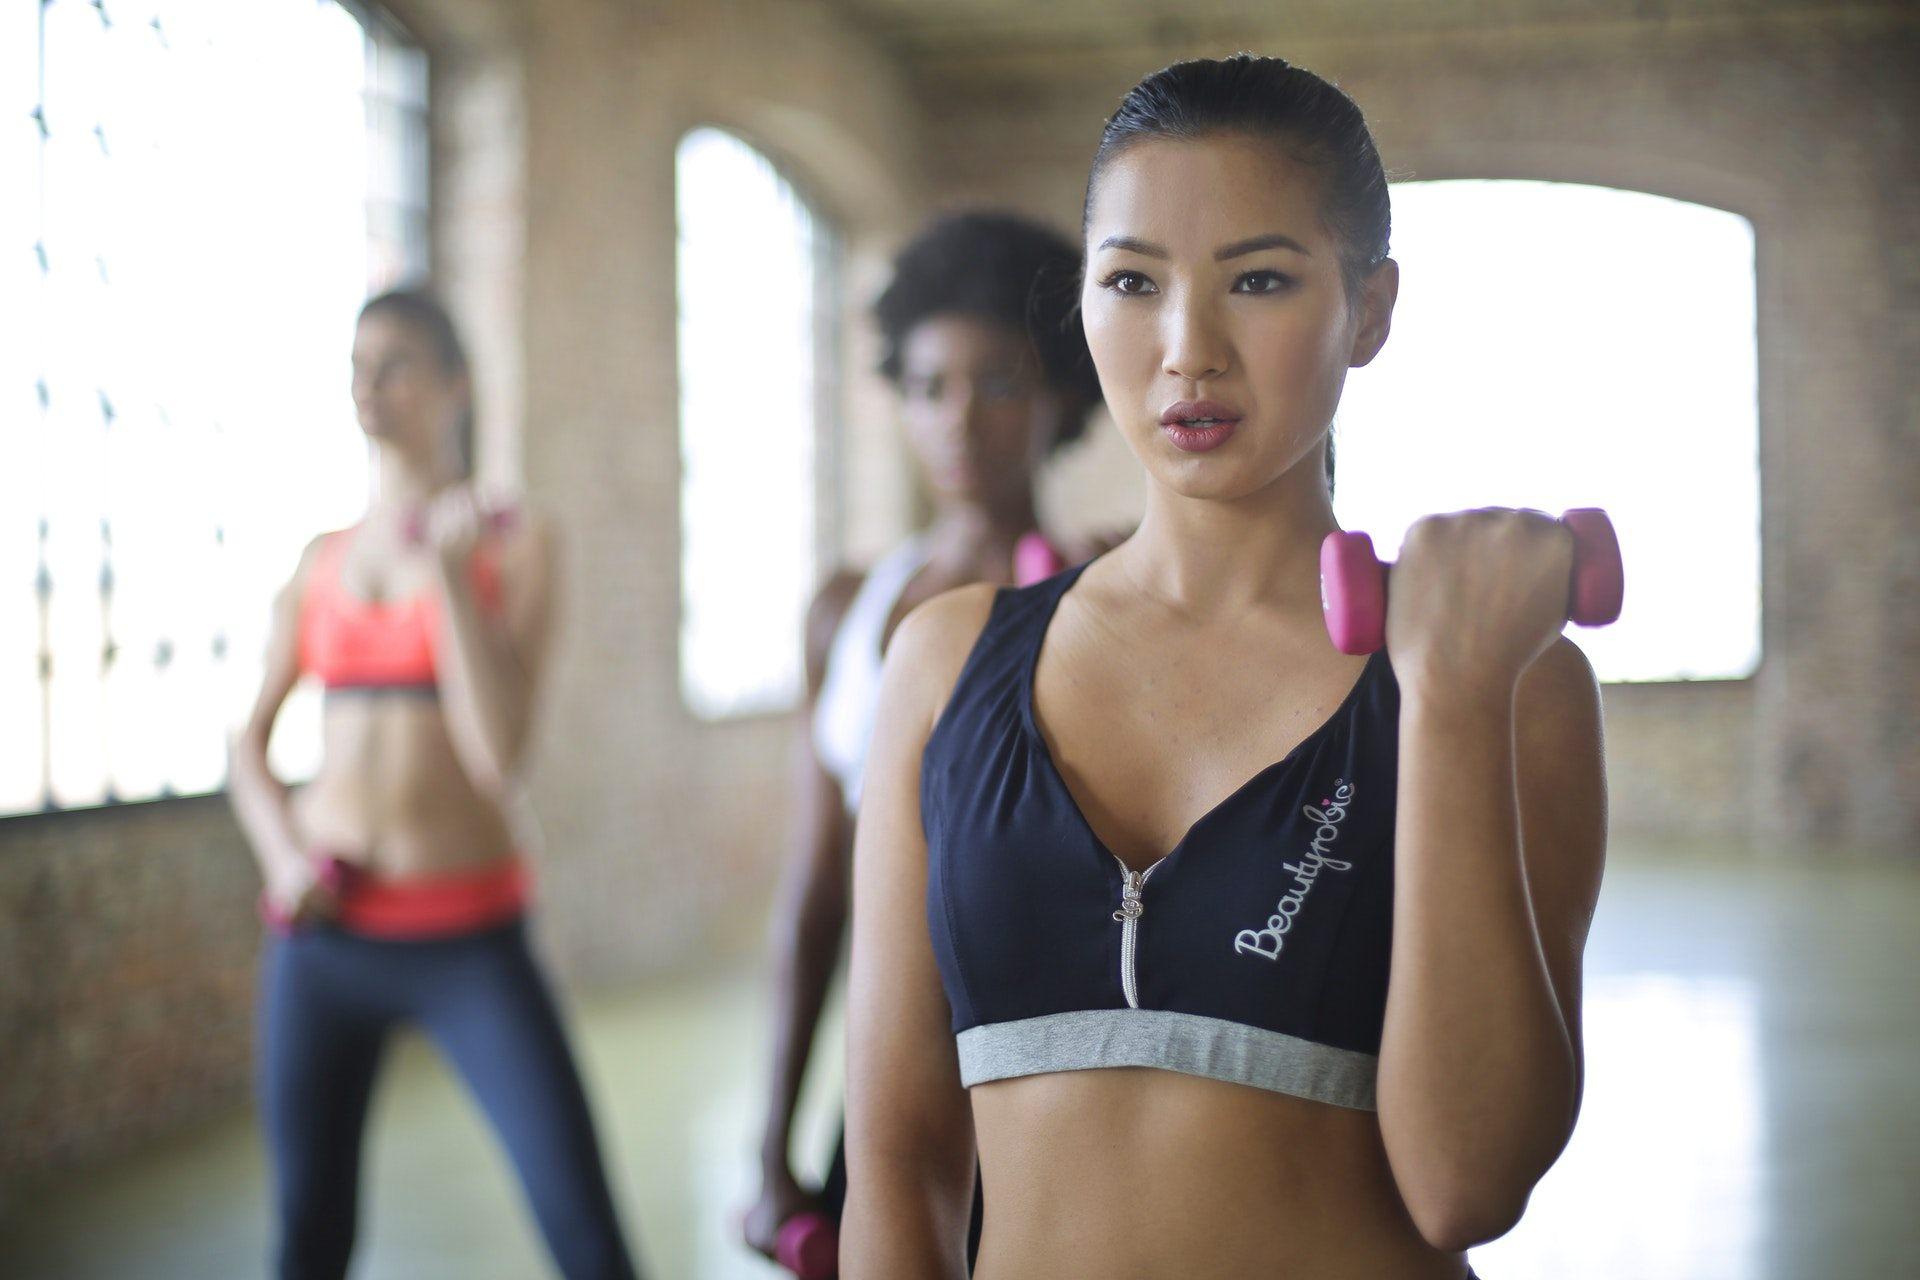 women fitness workout hd wallpaper 67568